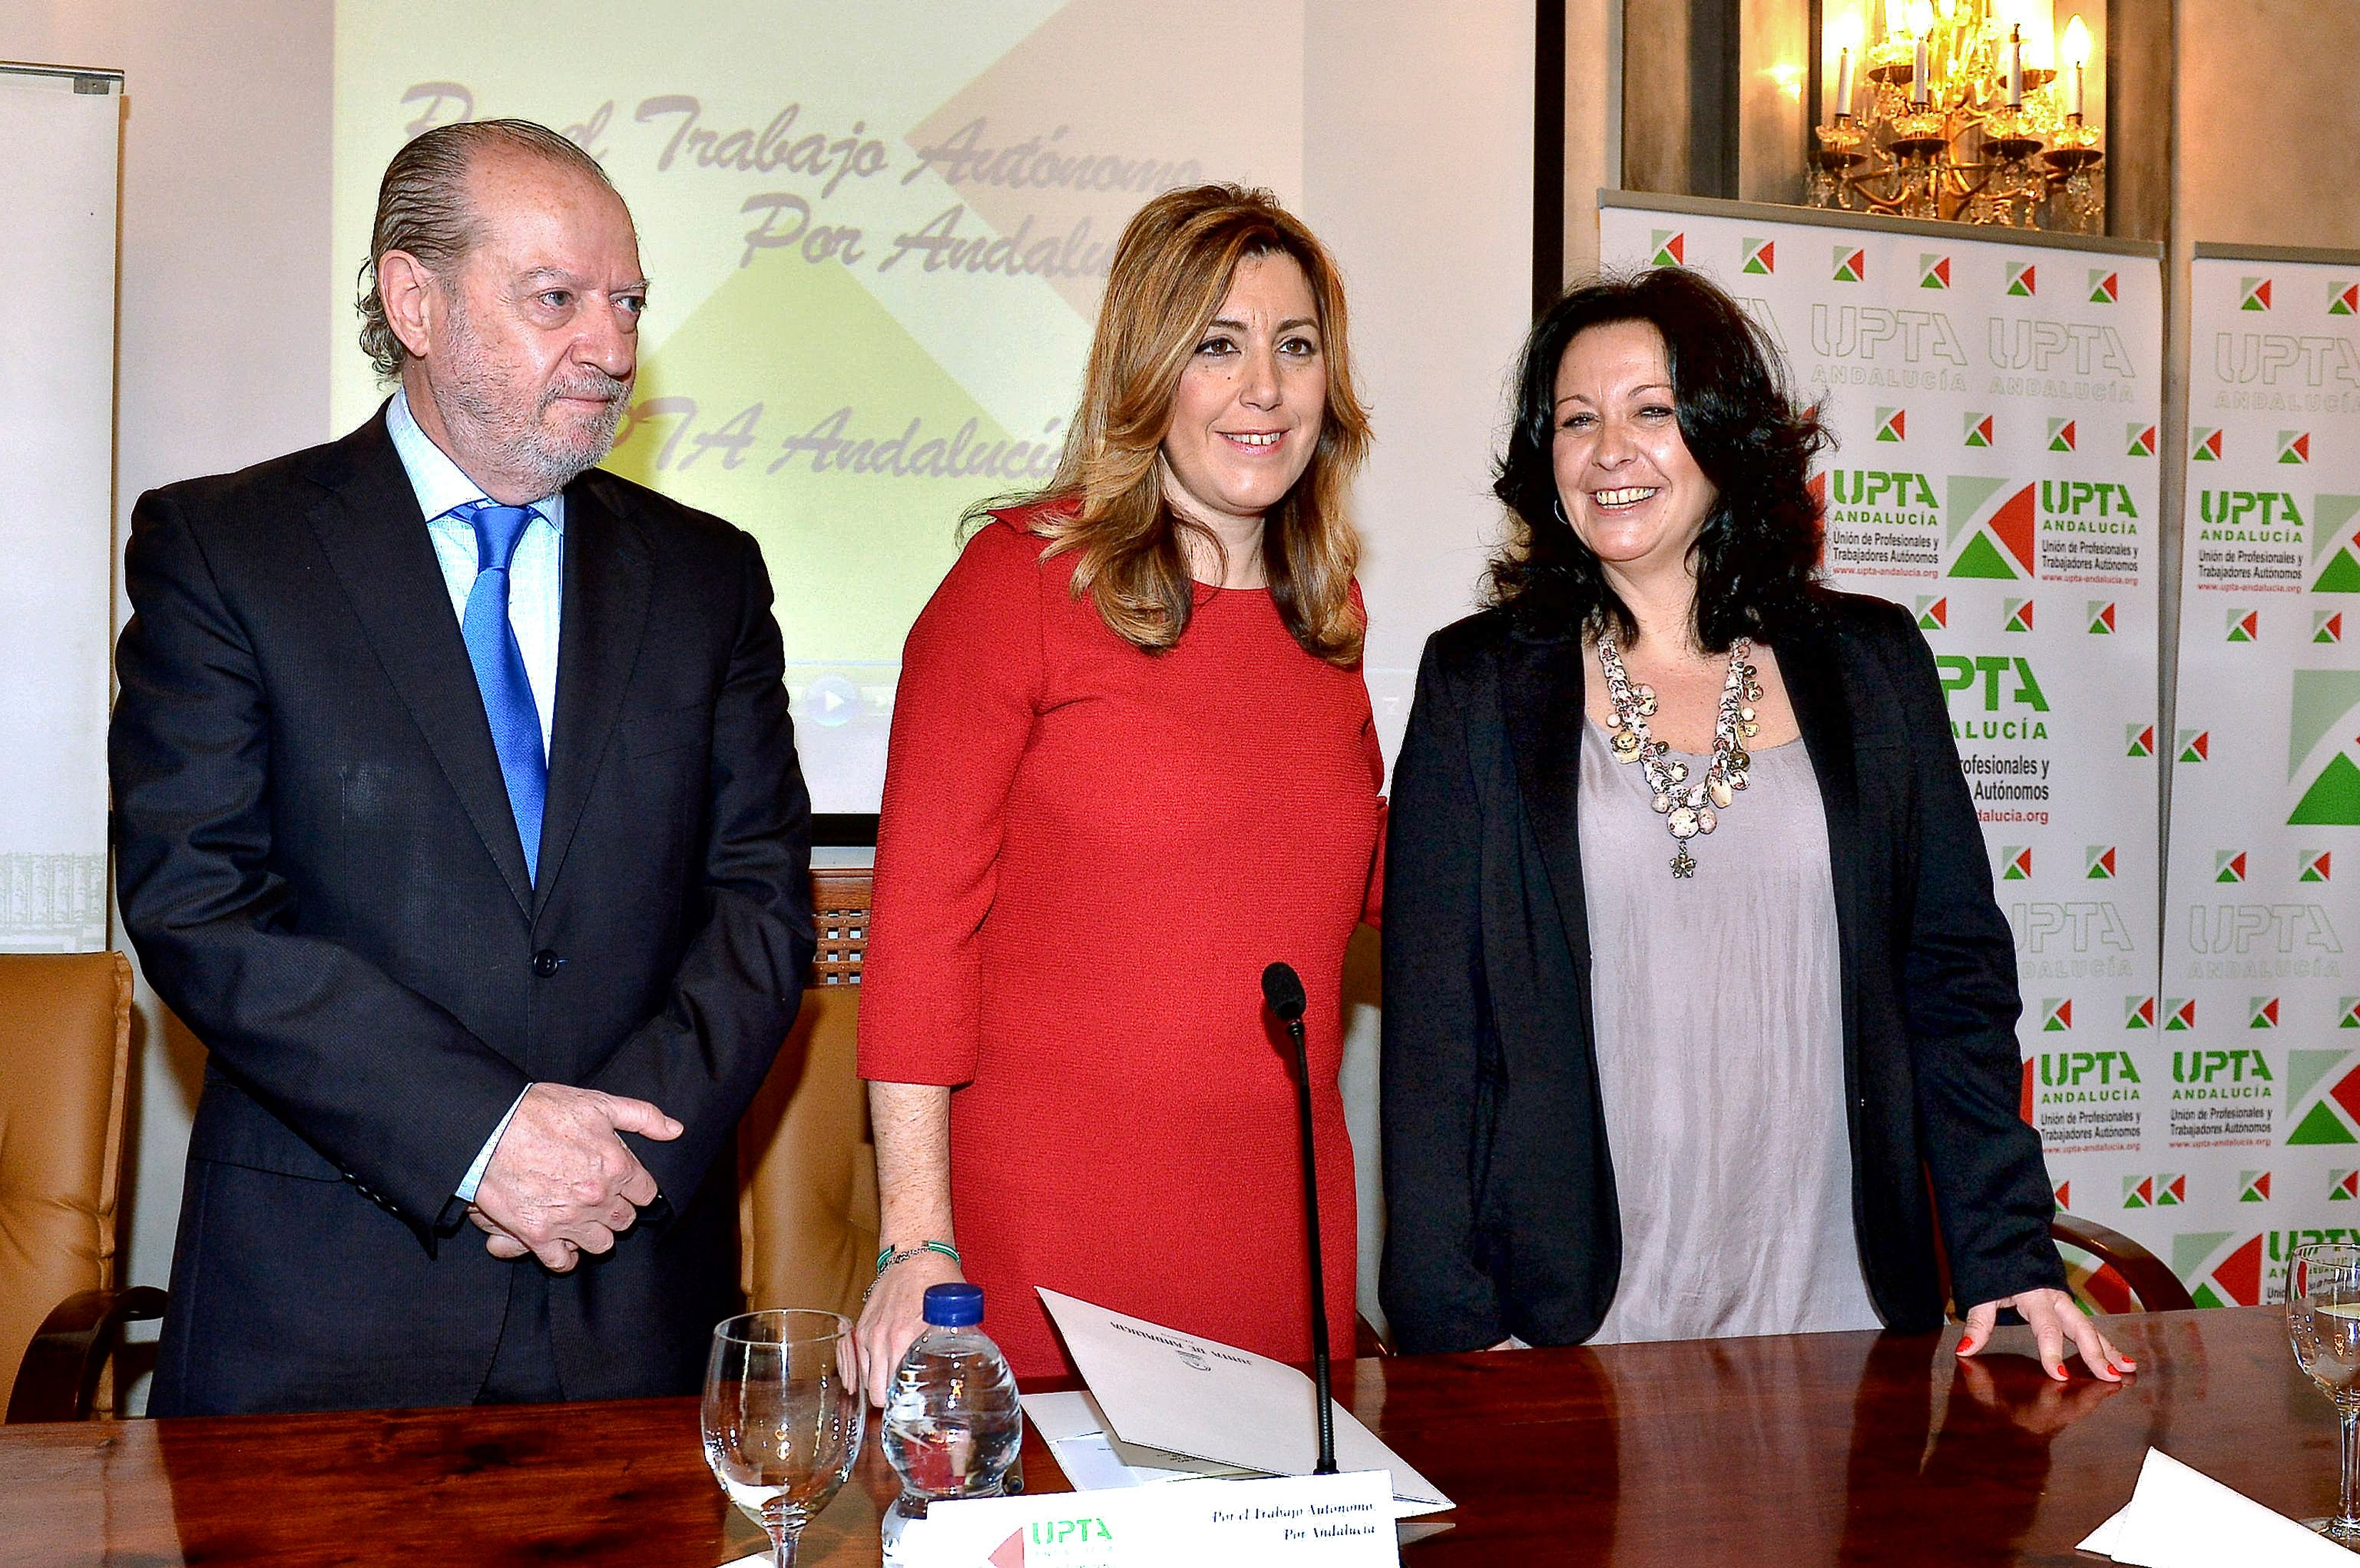 La presidenta, Susana Díaz, durante el acto dela UPTA